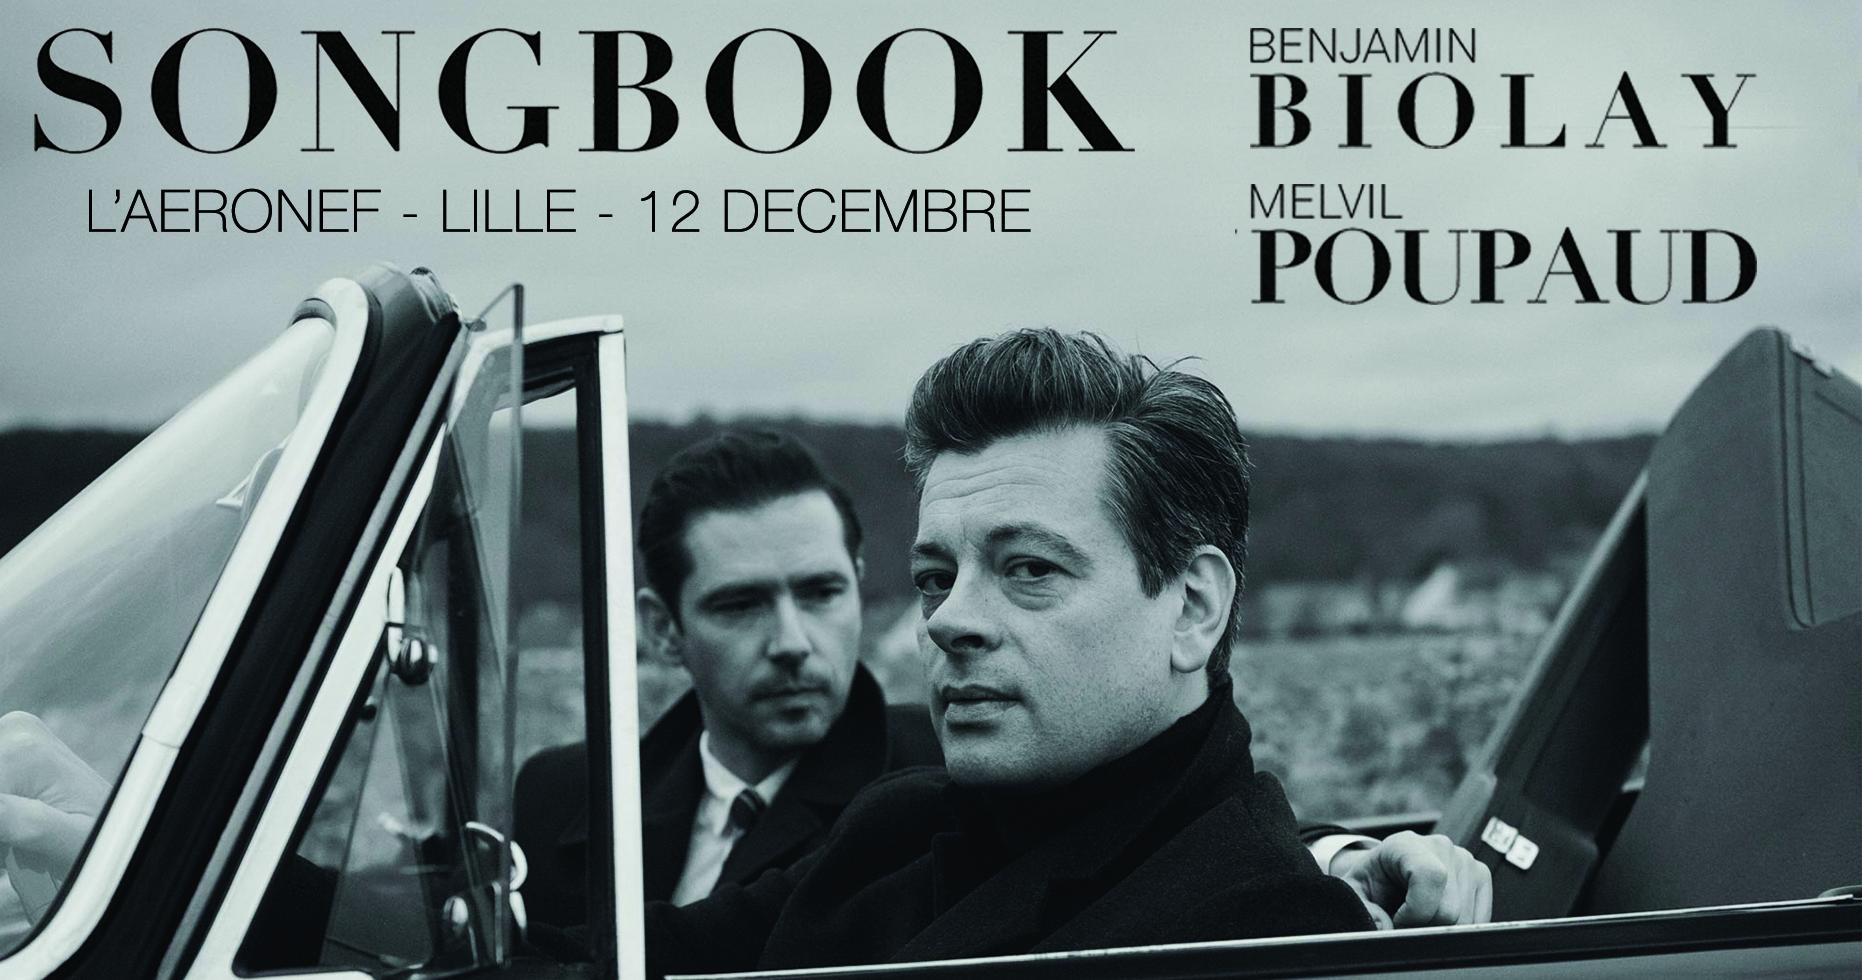 Songbook : Benjamin Biolay & Melvil Poupaud